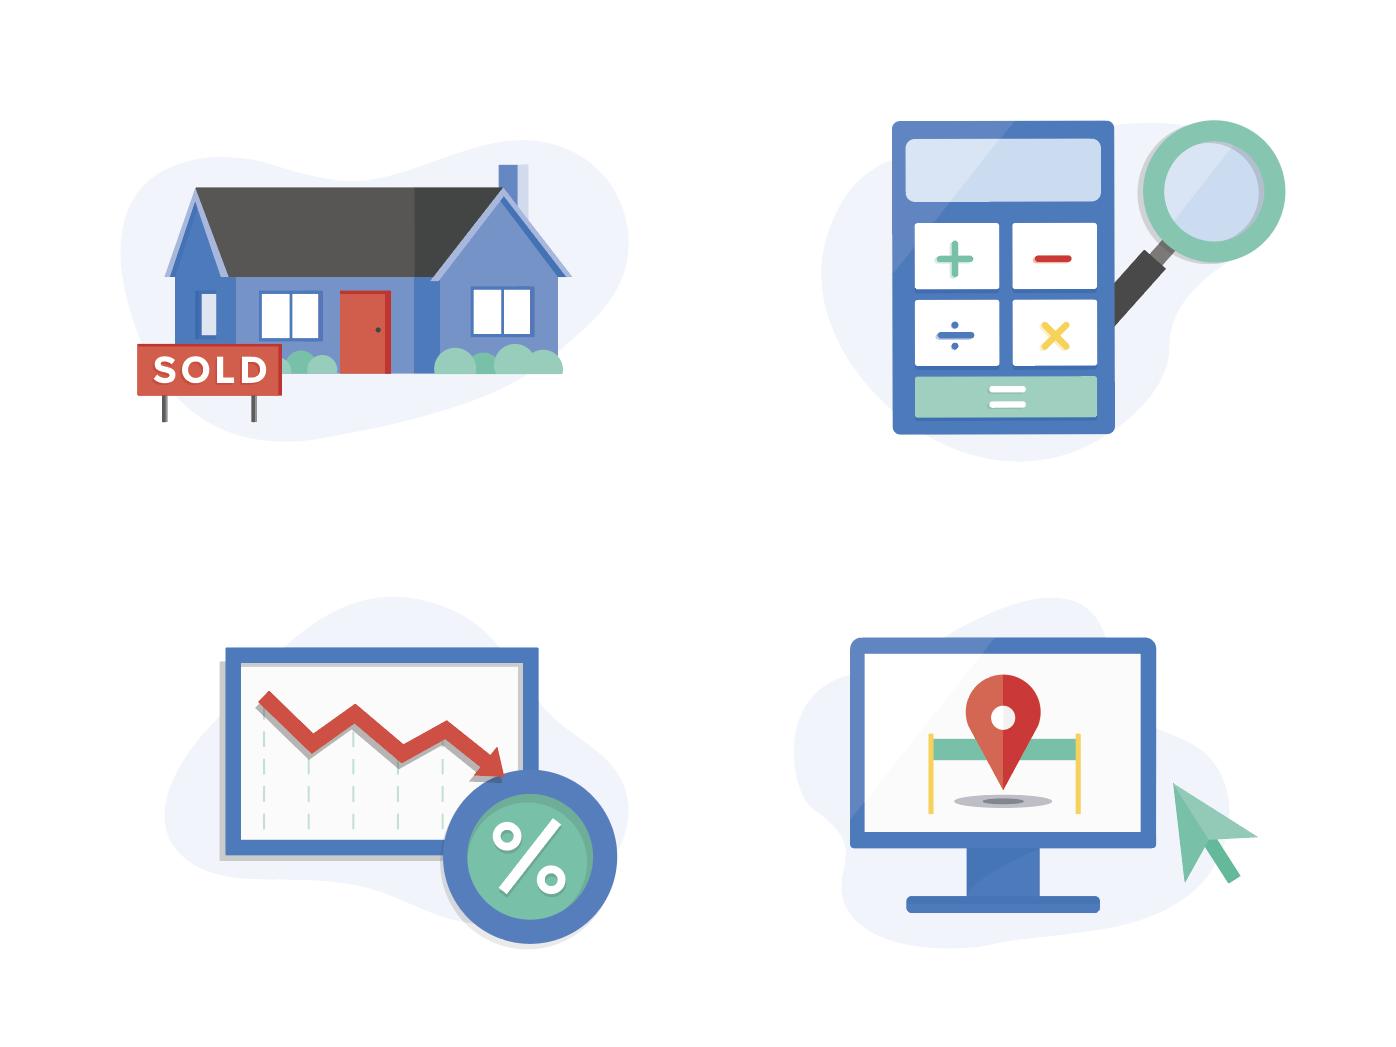 Homebuying Icons rates house calculator illustration iconography icon